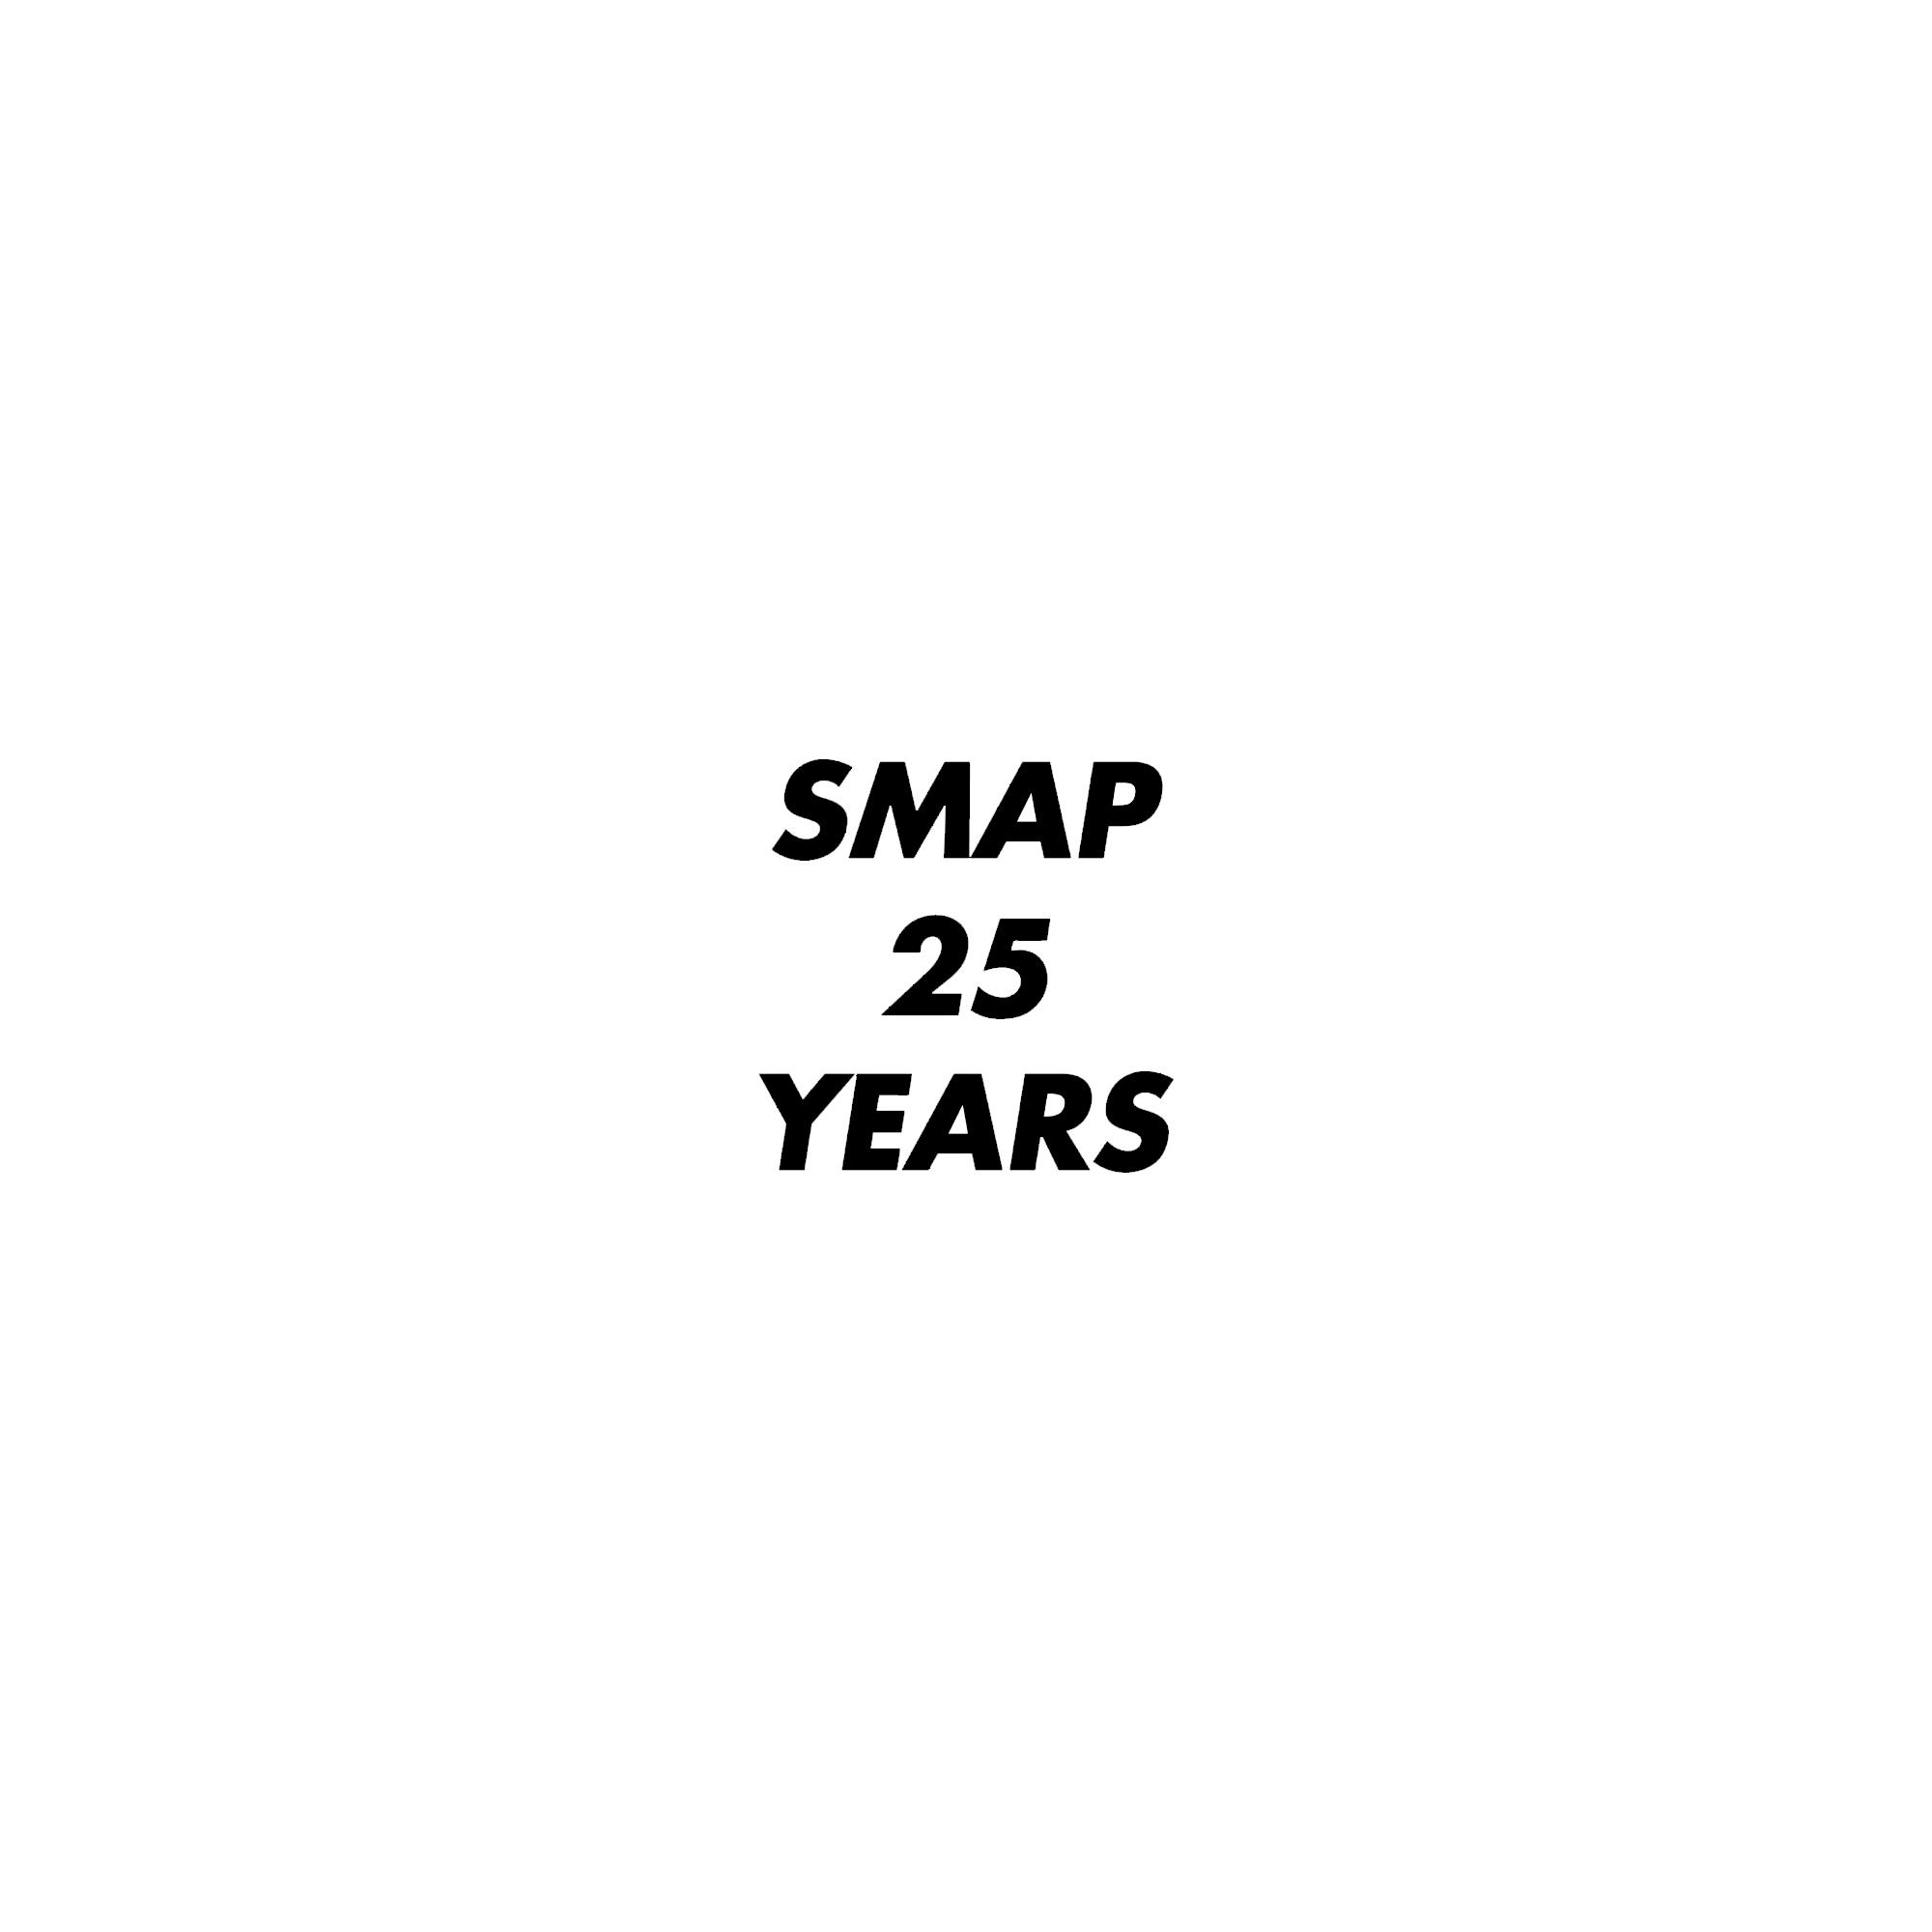 SMAPの画像 p1_27